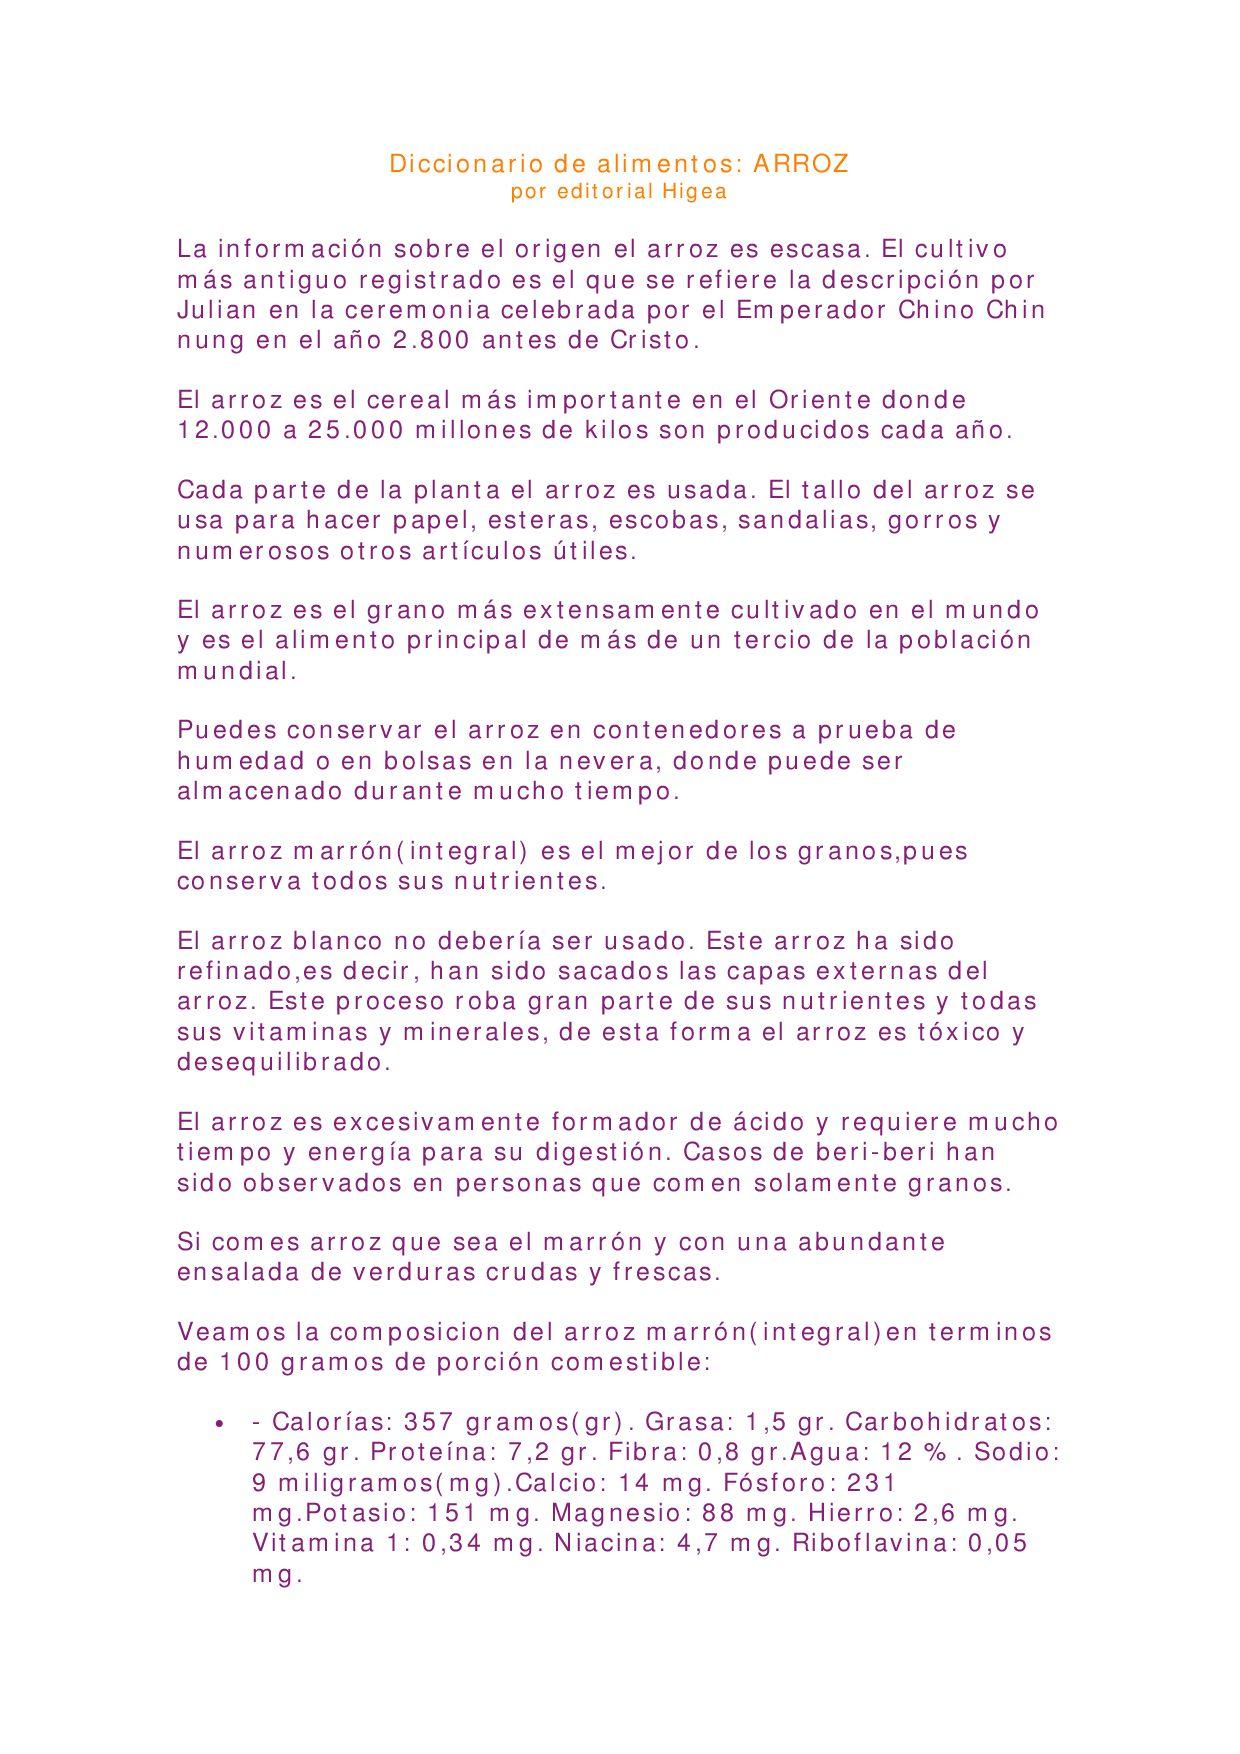 By De Mario Issuu Alimentos Fuentes Diccionario wNn0PXZ8kO